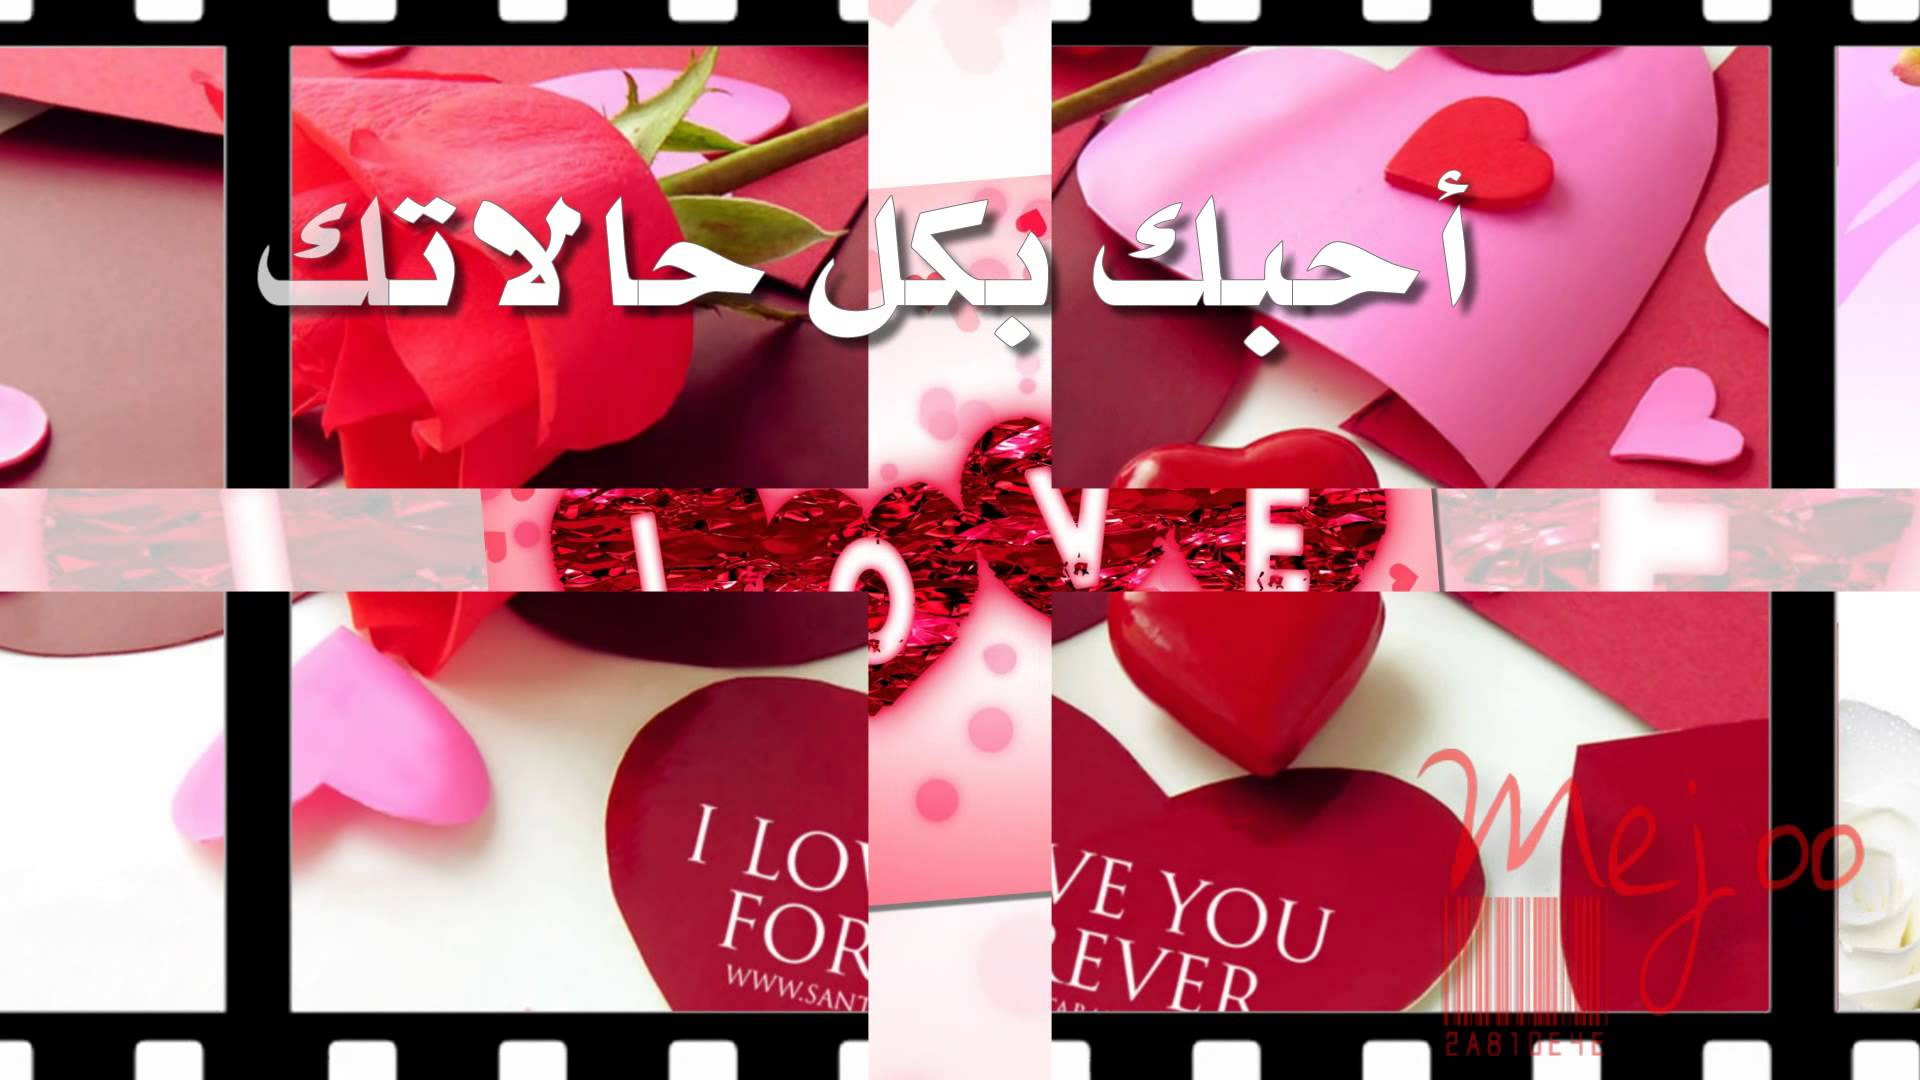 صوره كلمة احبك , اروع الصور مكتوب عليها كلمات عشق كلمه احبك